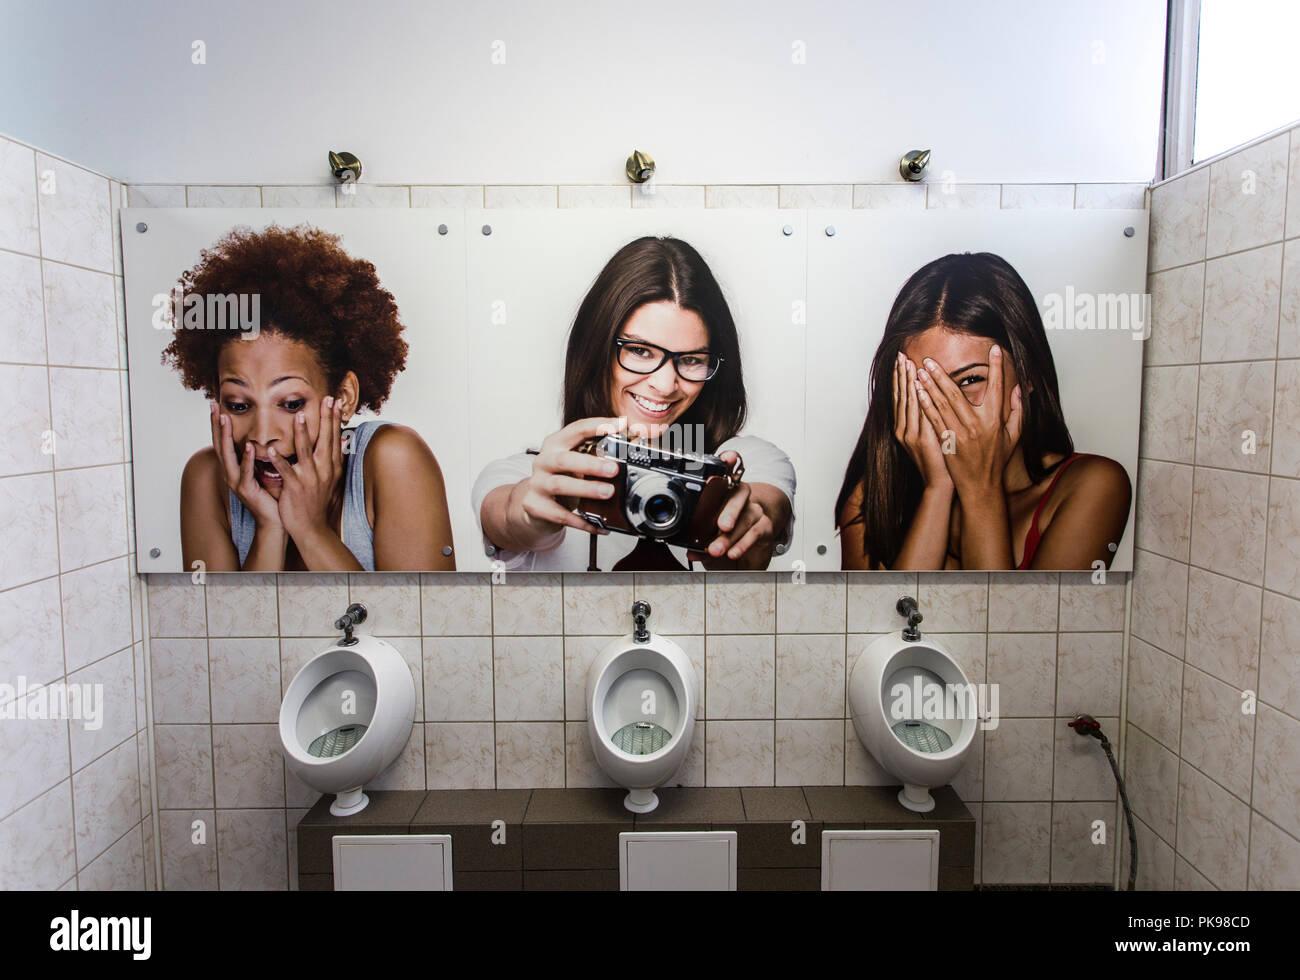 Public Toilet in Bielsko-Biała,Poland - Stock Image